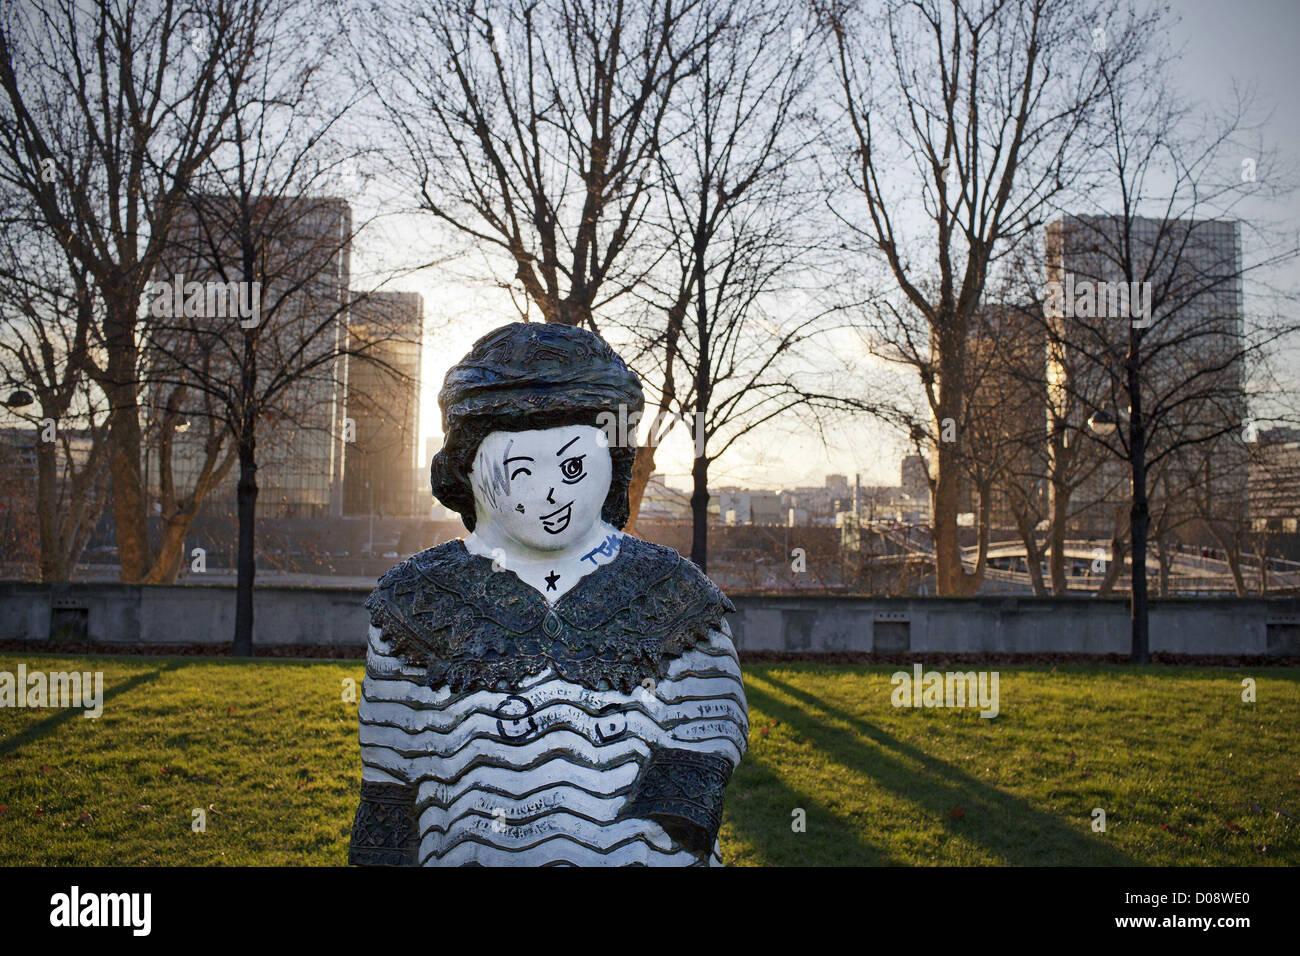 STATUE 'CHILDREN OF THE WORLD' PARC DE BERCY PARIS FRANCE - Stock Image